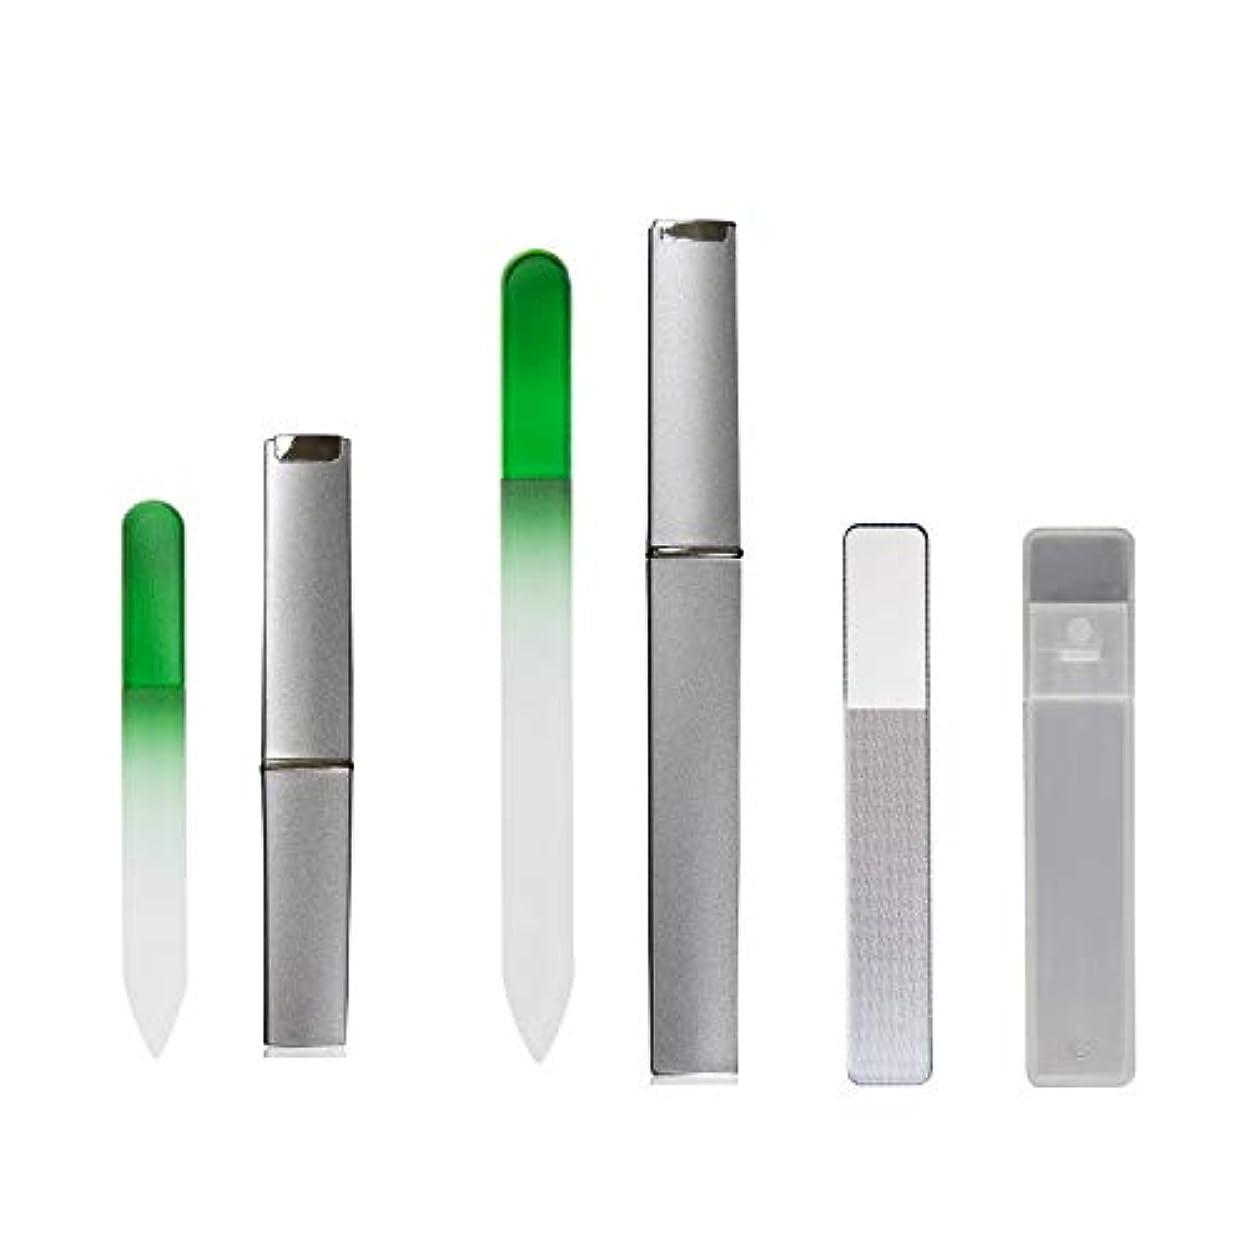 フレームワークセーブ発症4点セット 爪やすり 爪磨き ガラス製 専用 ケース付 ネイル ケア